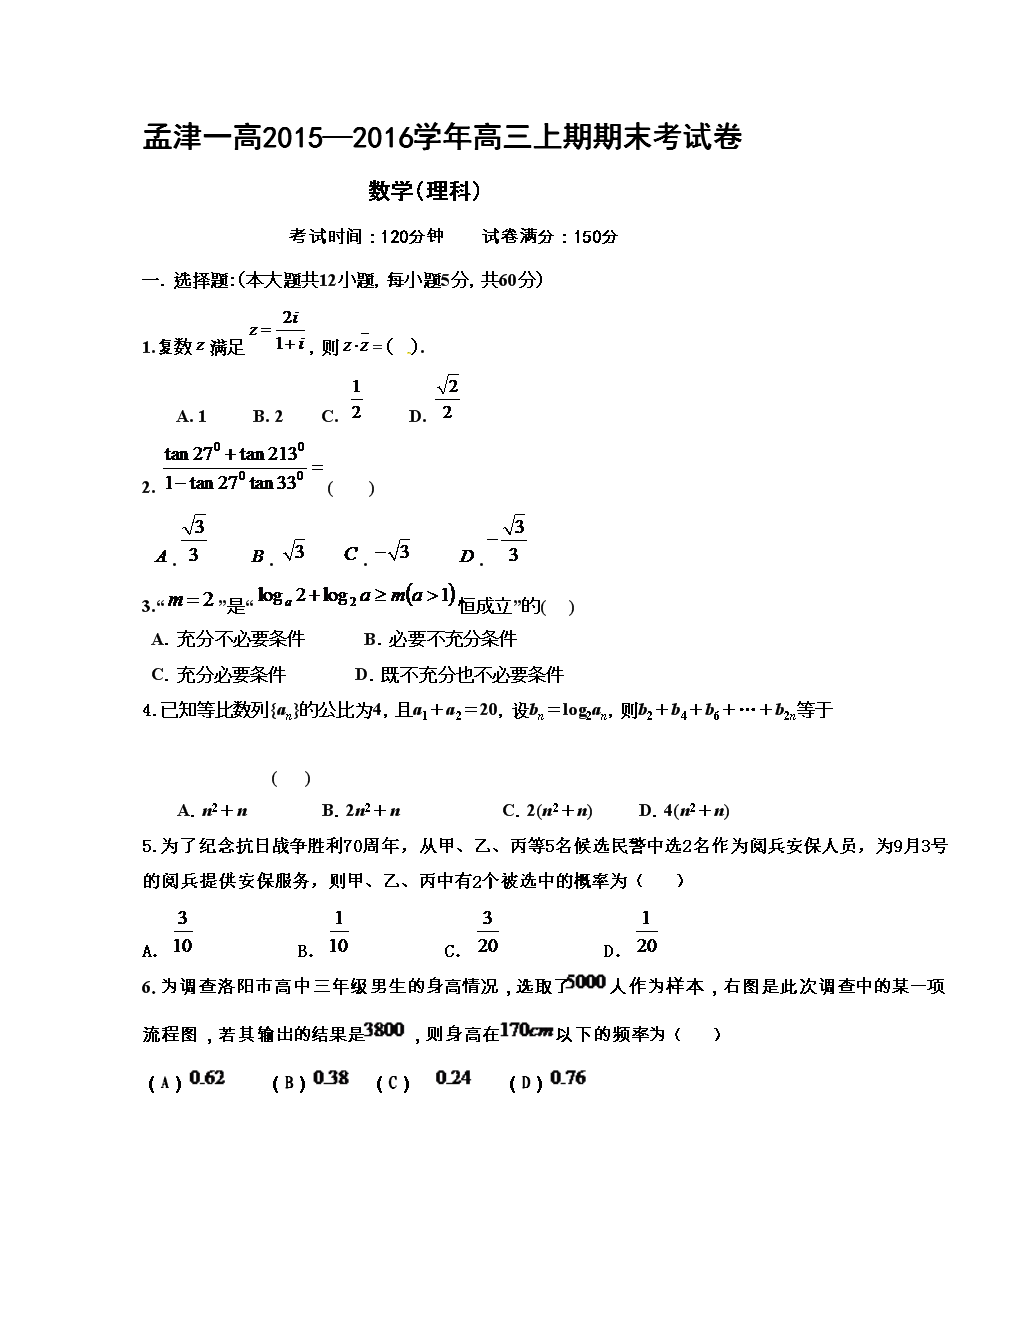 [中学联盟]河南省洛阳市孟津县第一高级中学2高中芳胜人人图片